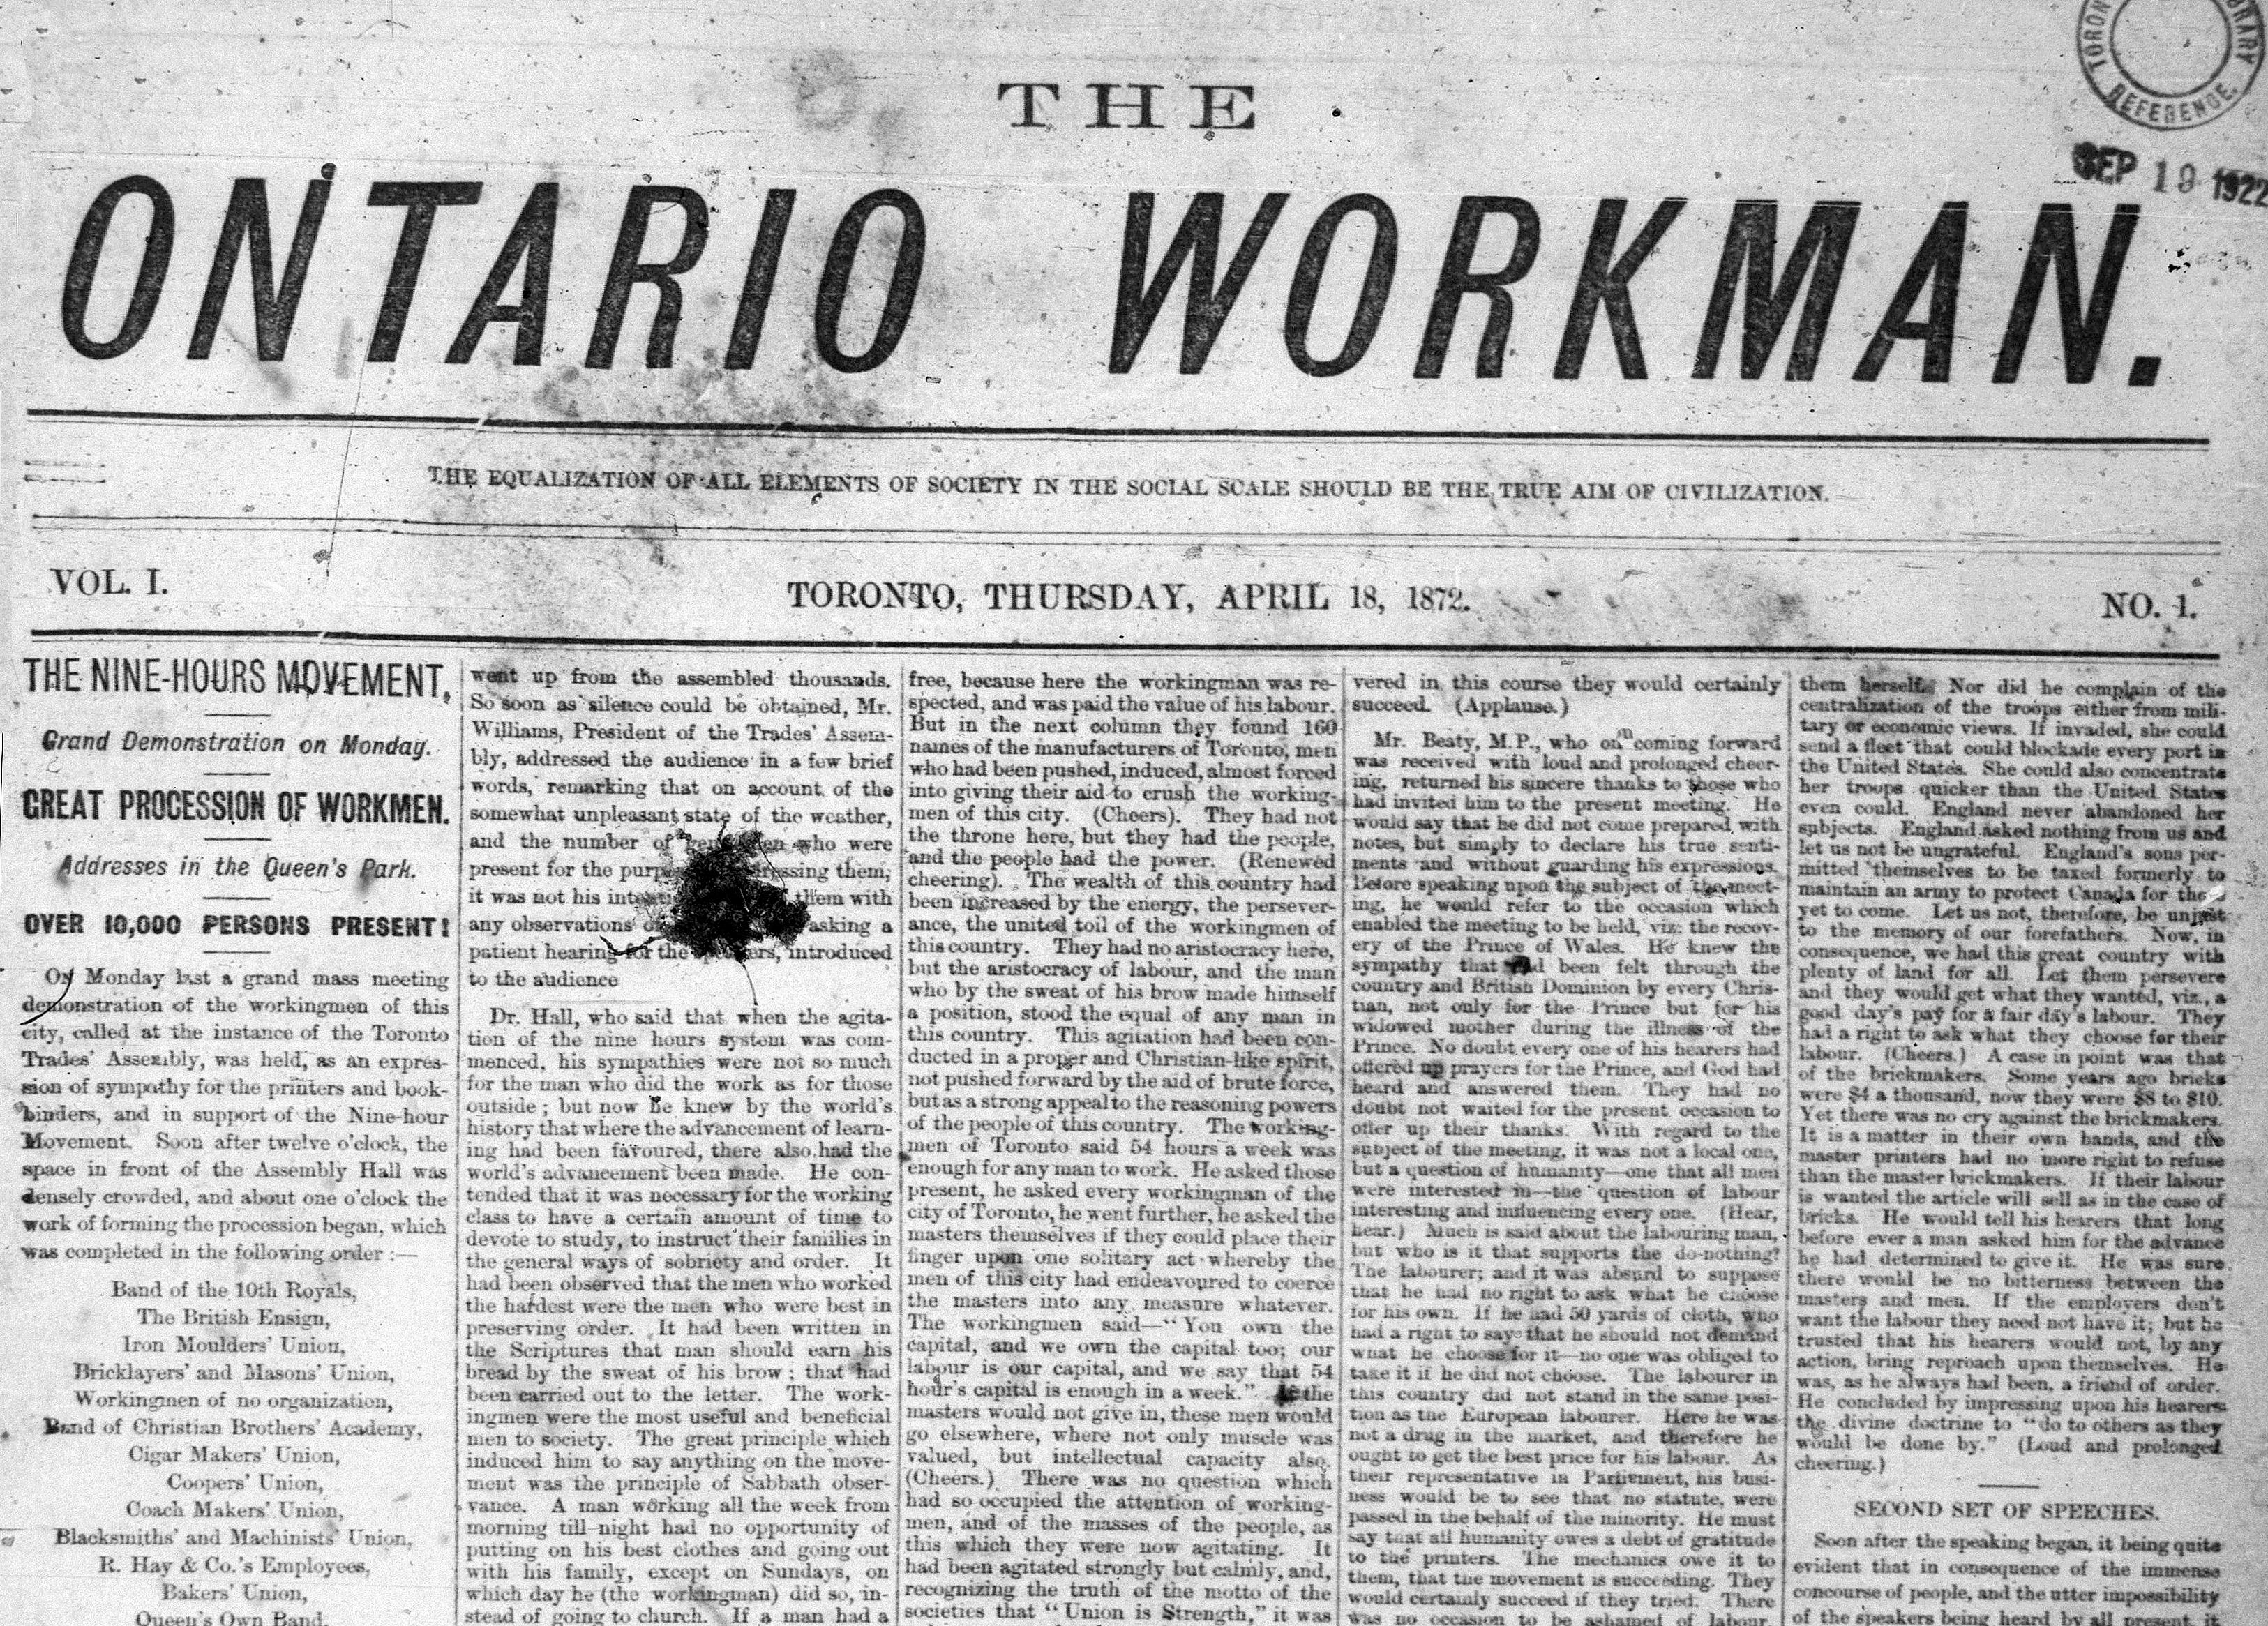 La première page du journal Ontario Workman annonçant une grande manifestation de la Ligue des neuf heures.